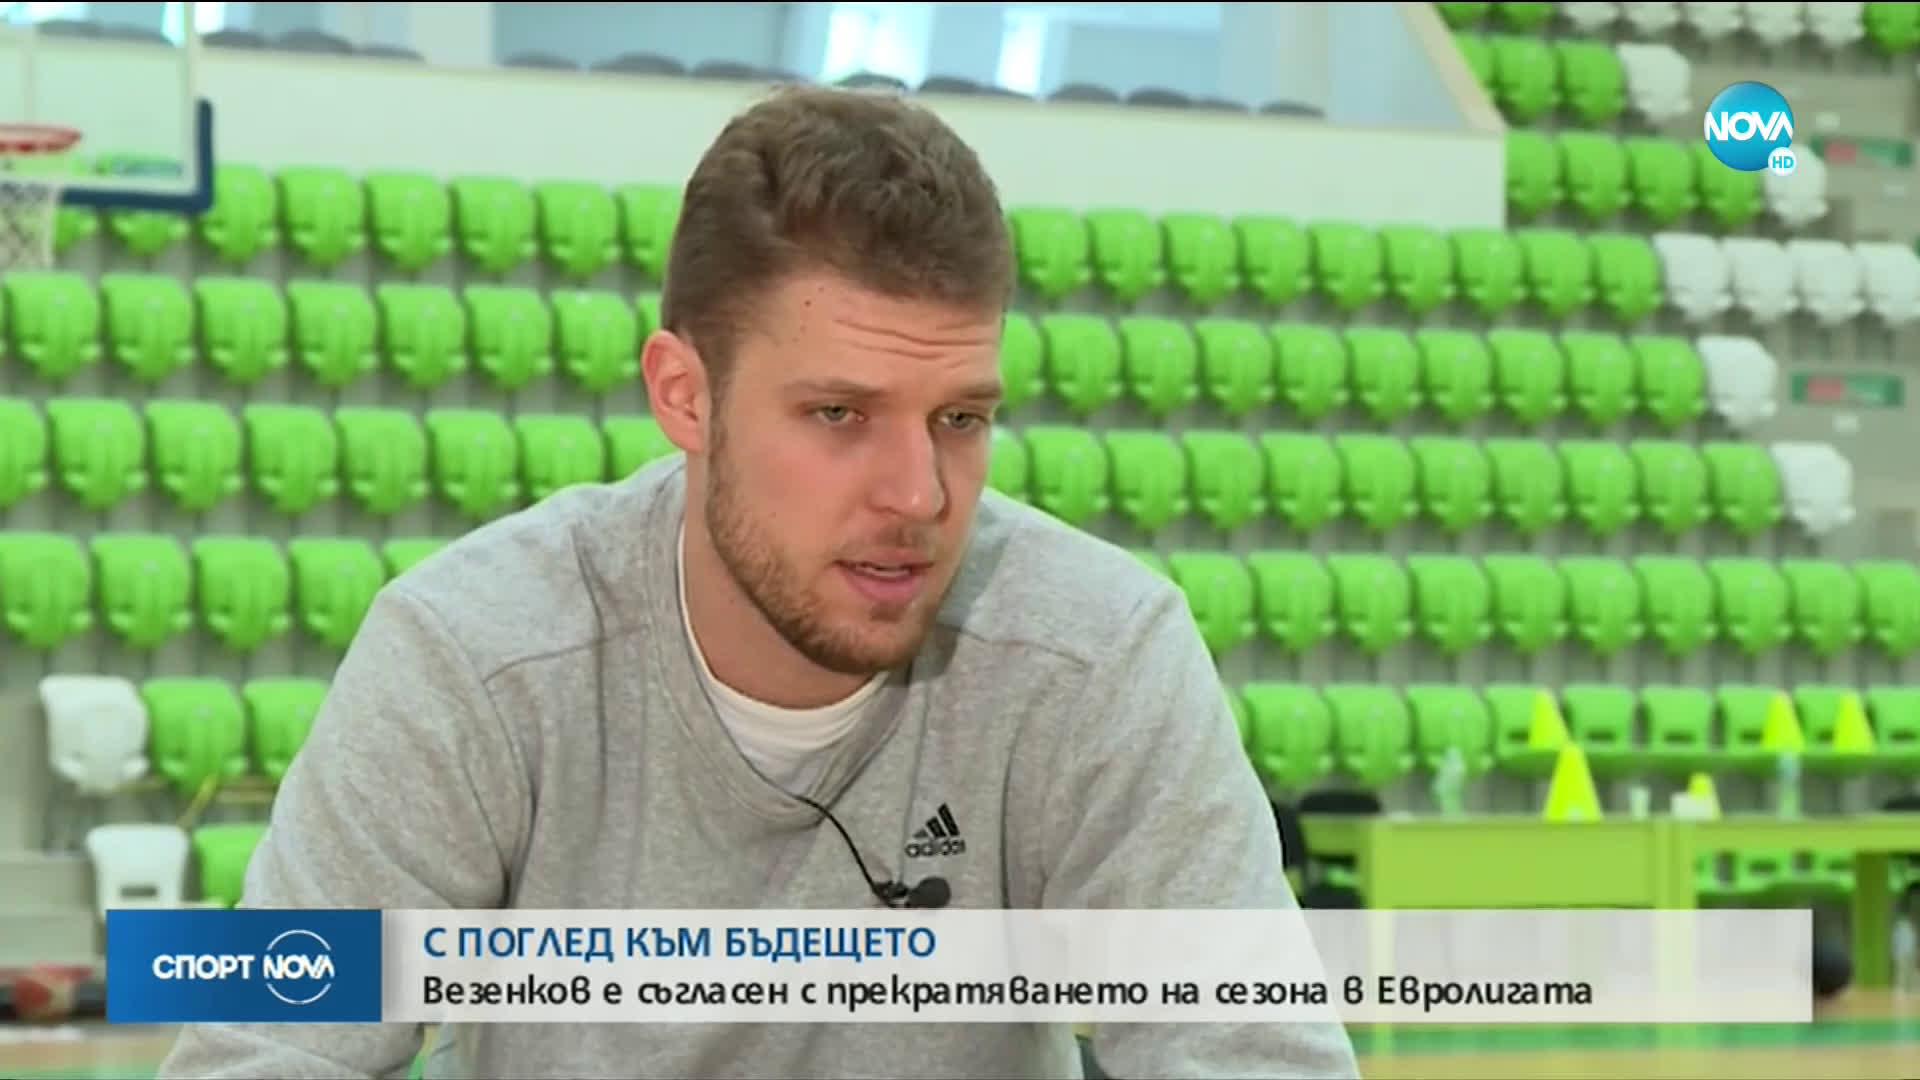 Спортни новини (29.05.2020 - централна емисия)